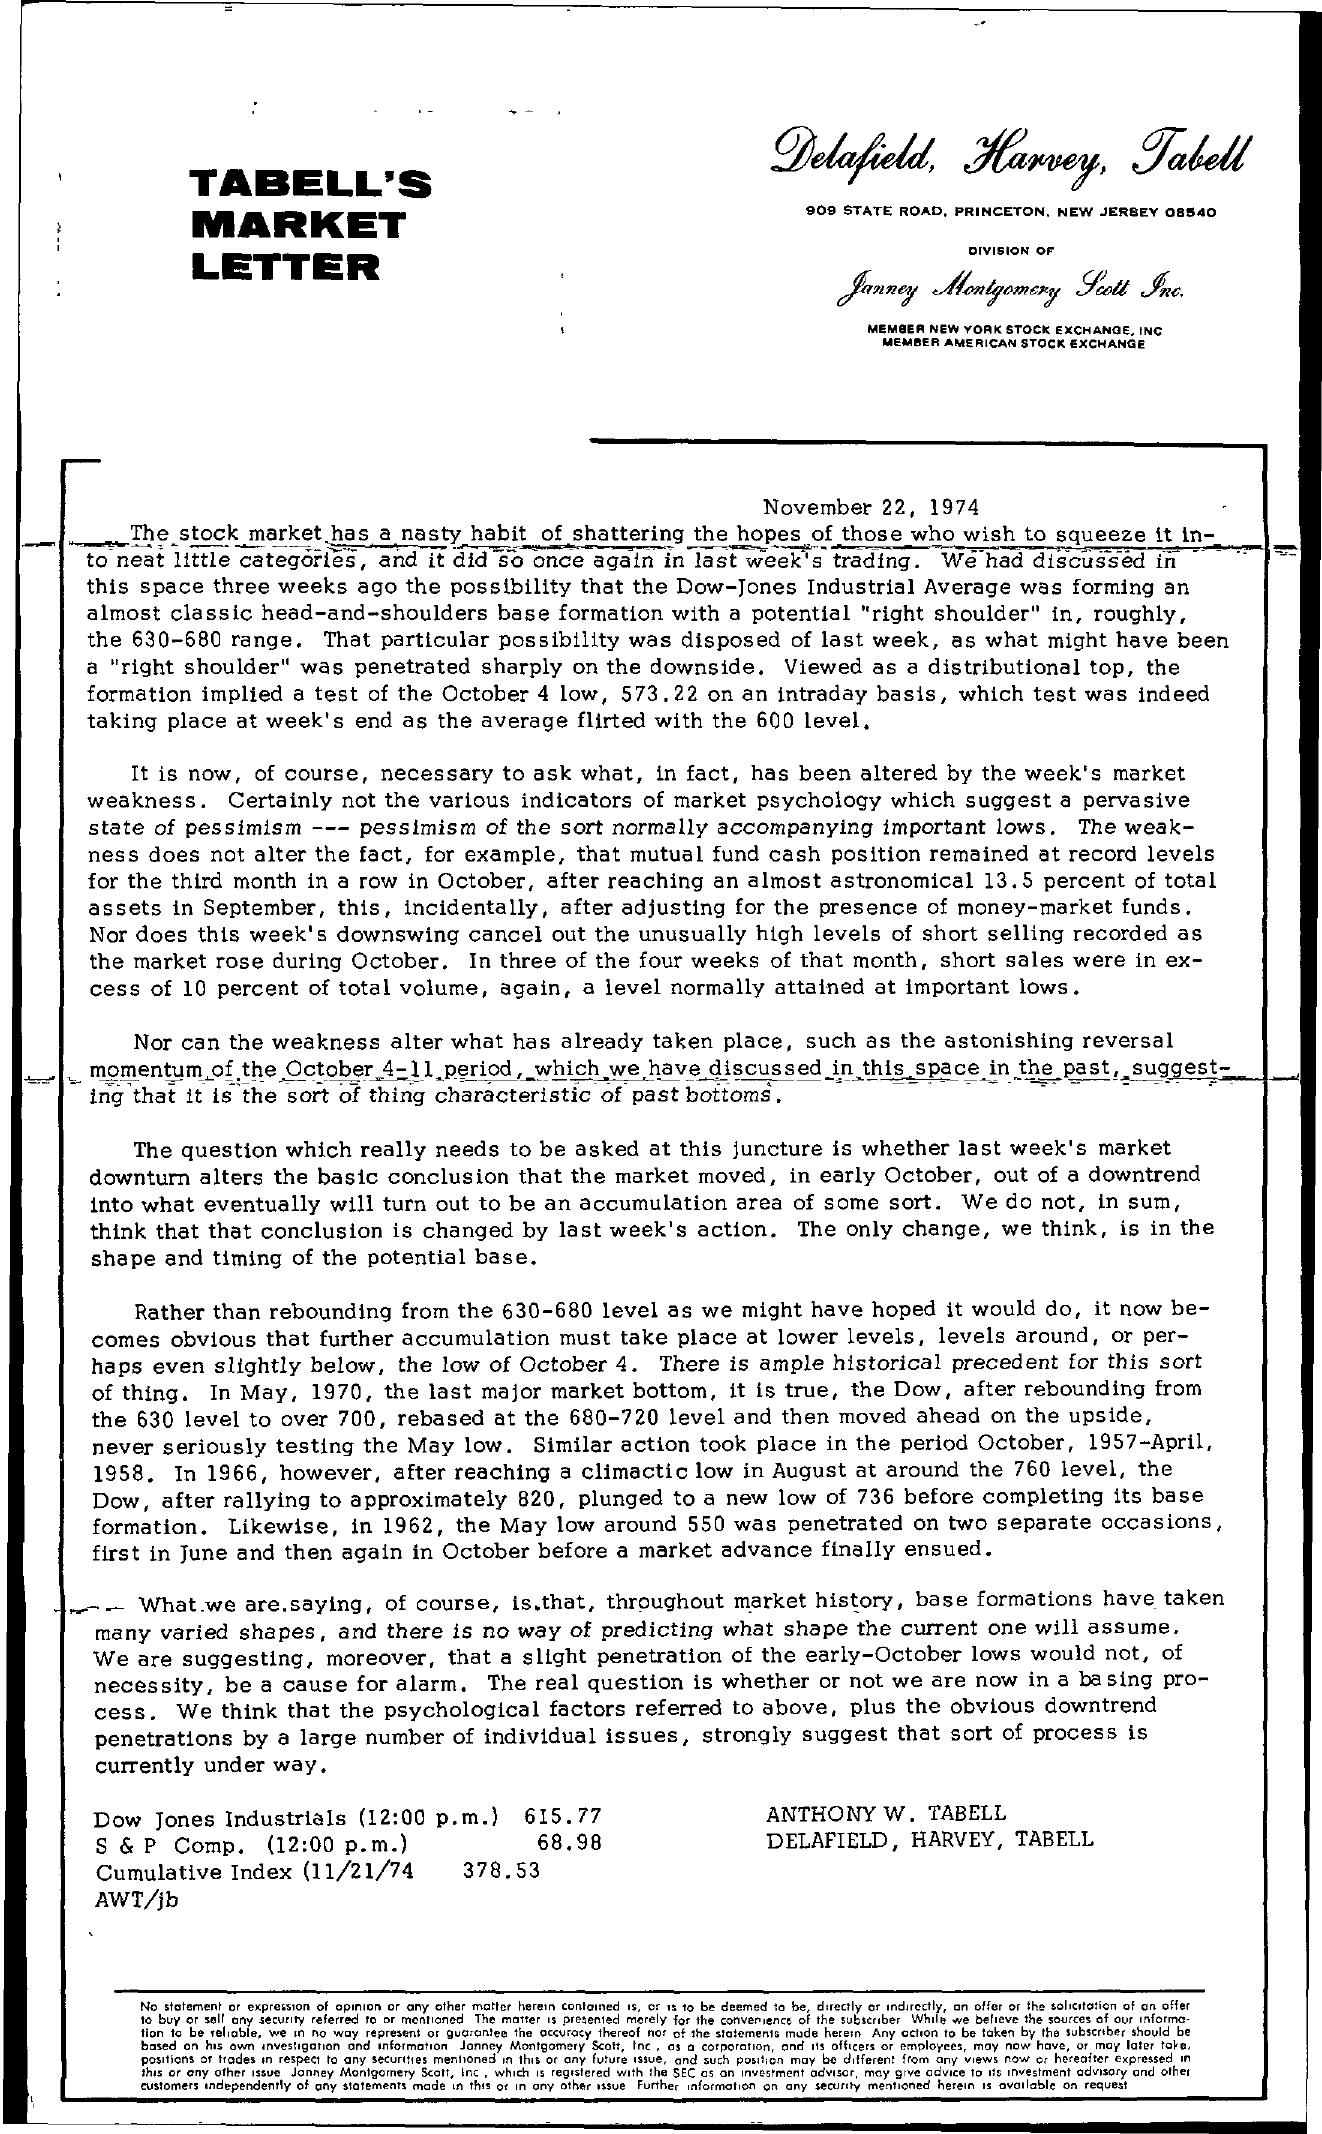 Tabell's Market Letter - November 22, 1974